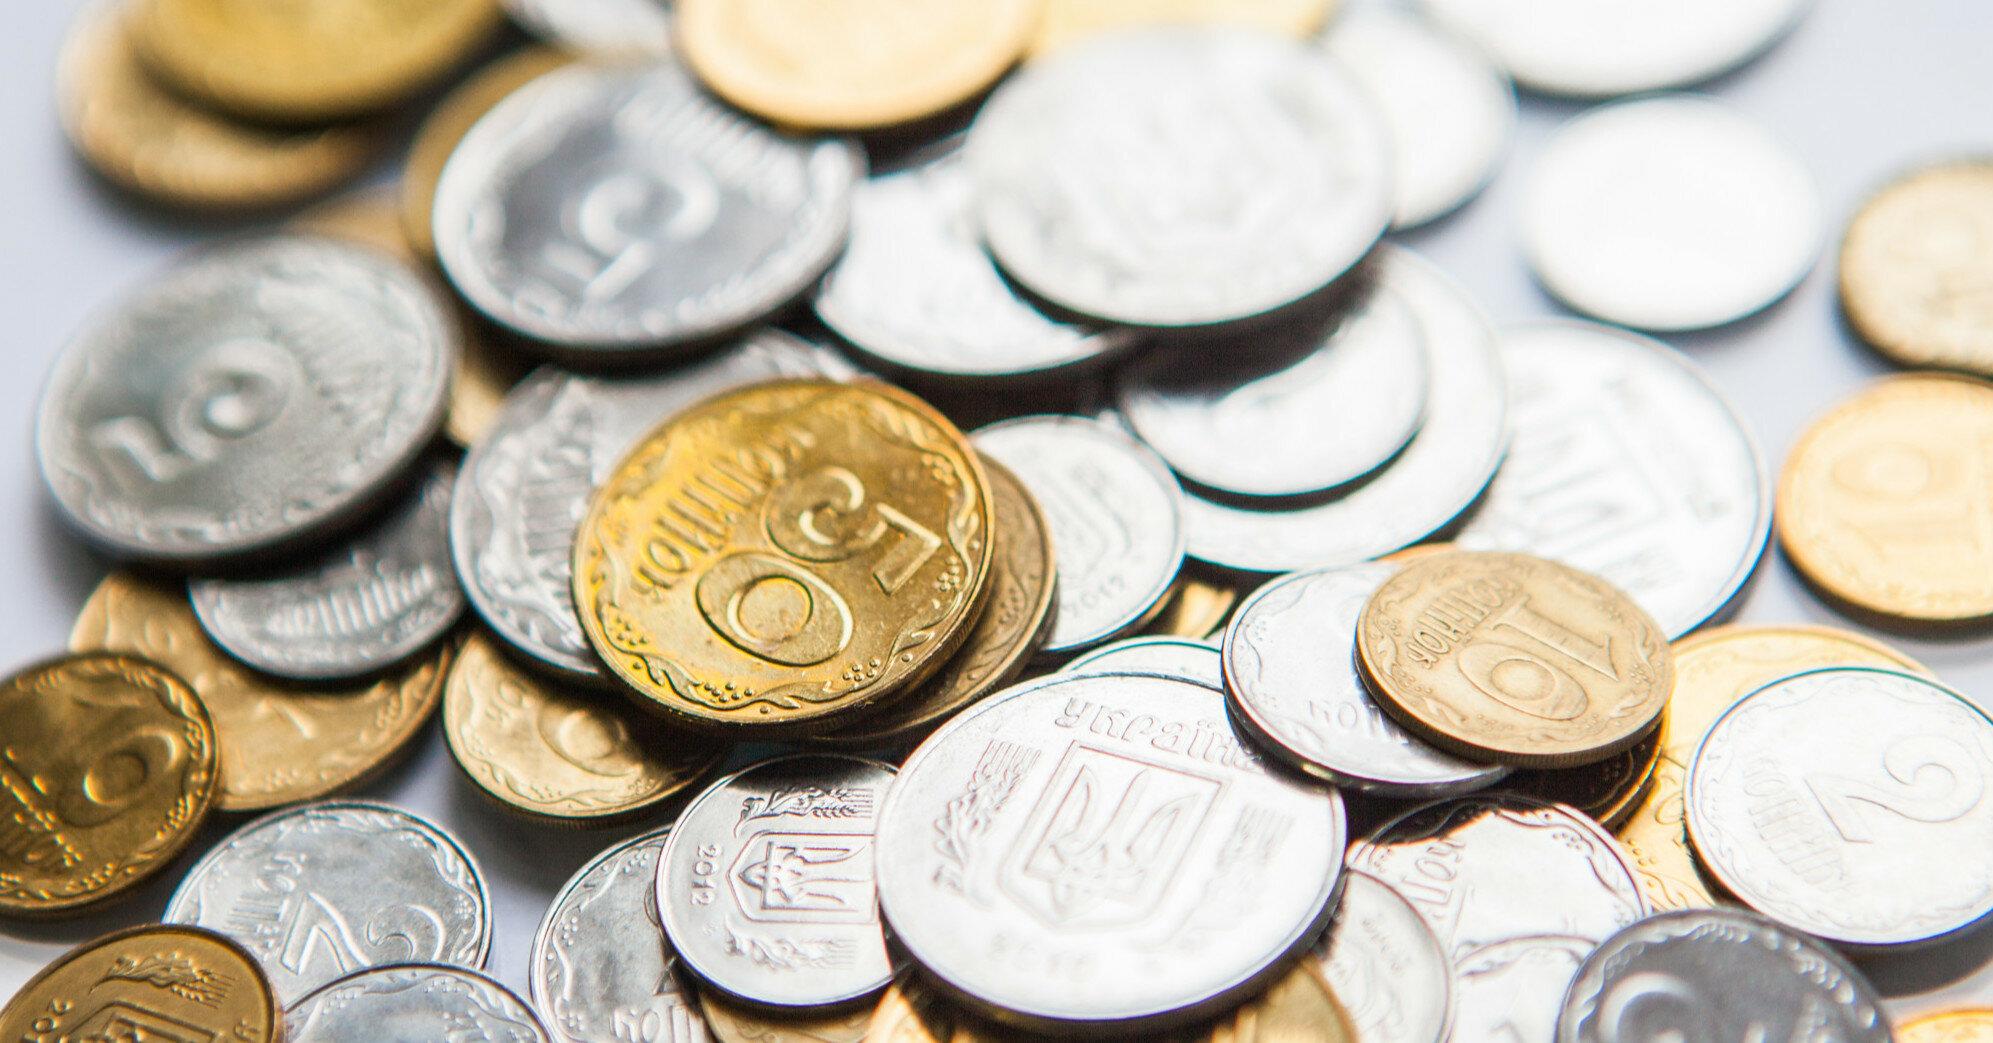 Що робити з виведеними з обігу монетами: поради НБУ